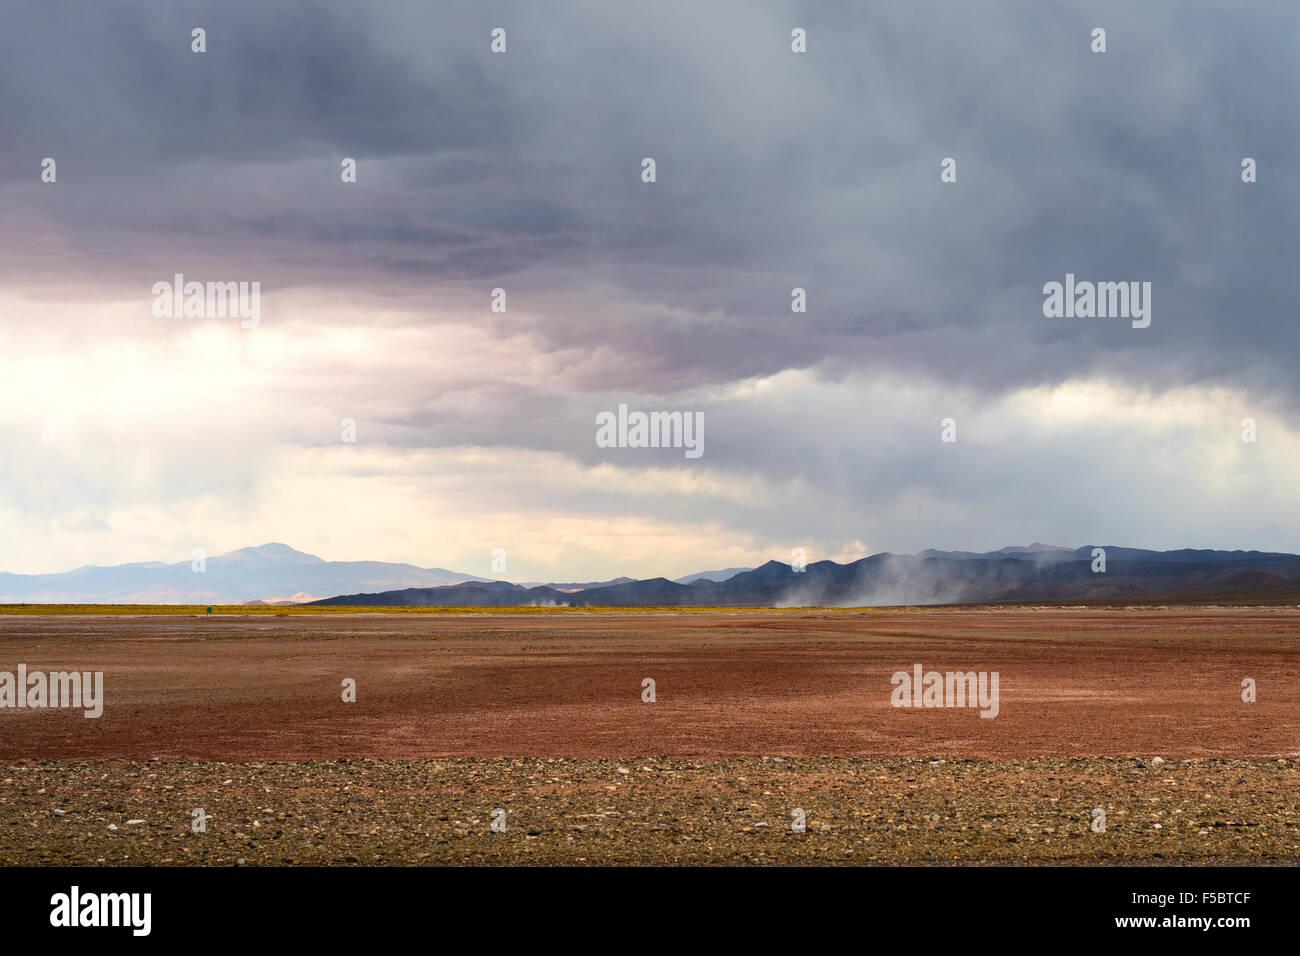 Émergence de tempêtes de poussière dans le désert de Salinas Grandes, dans le nord de l'Argentine Photo Stock